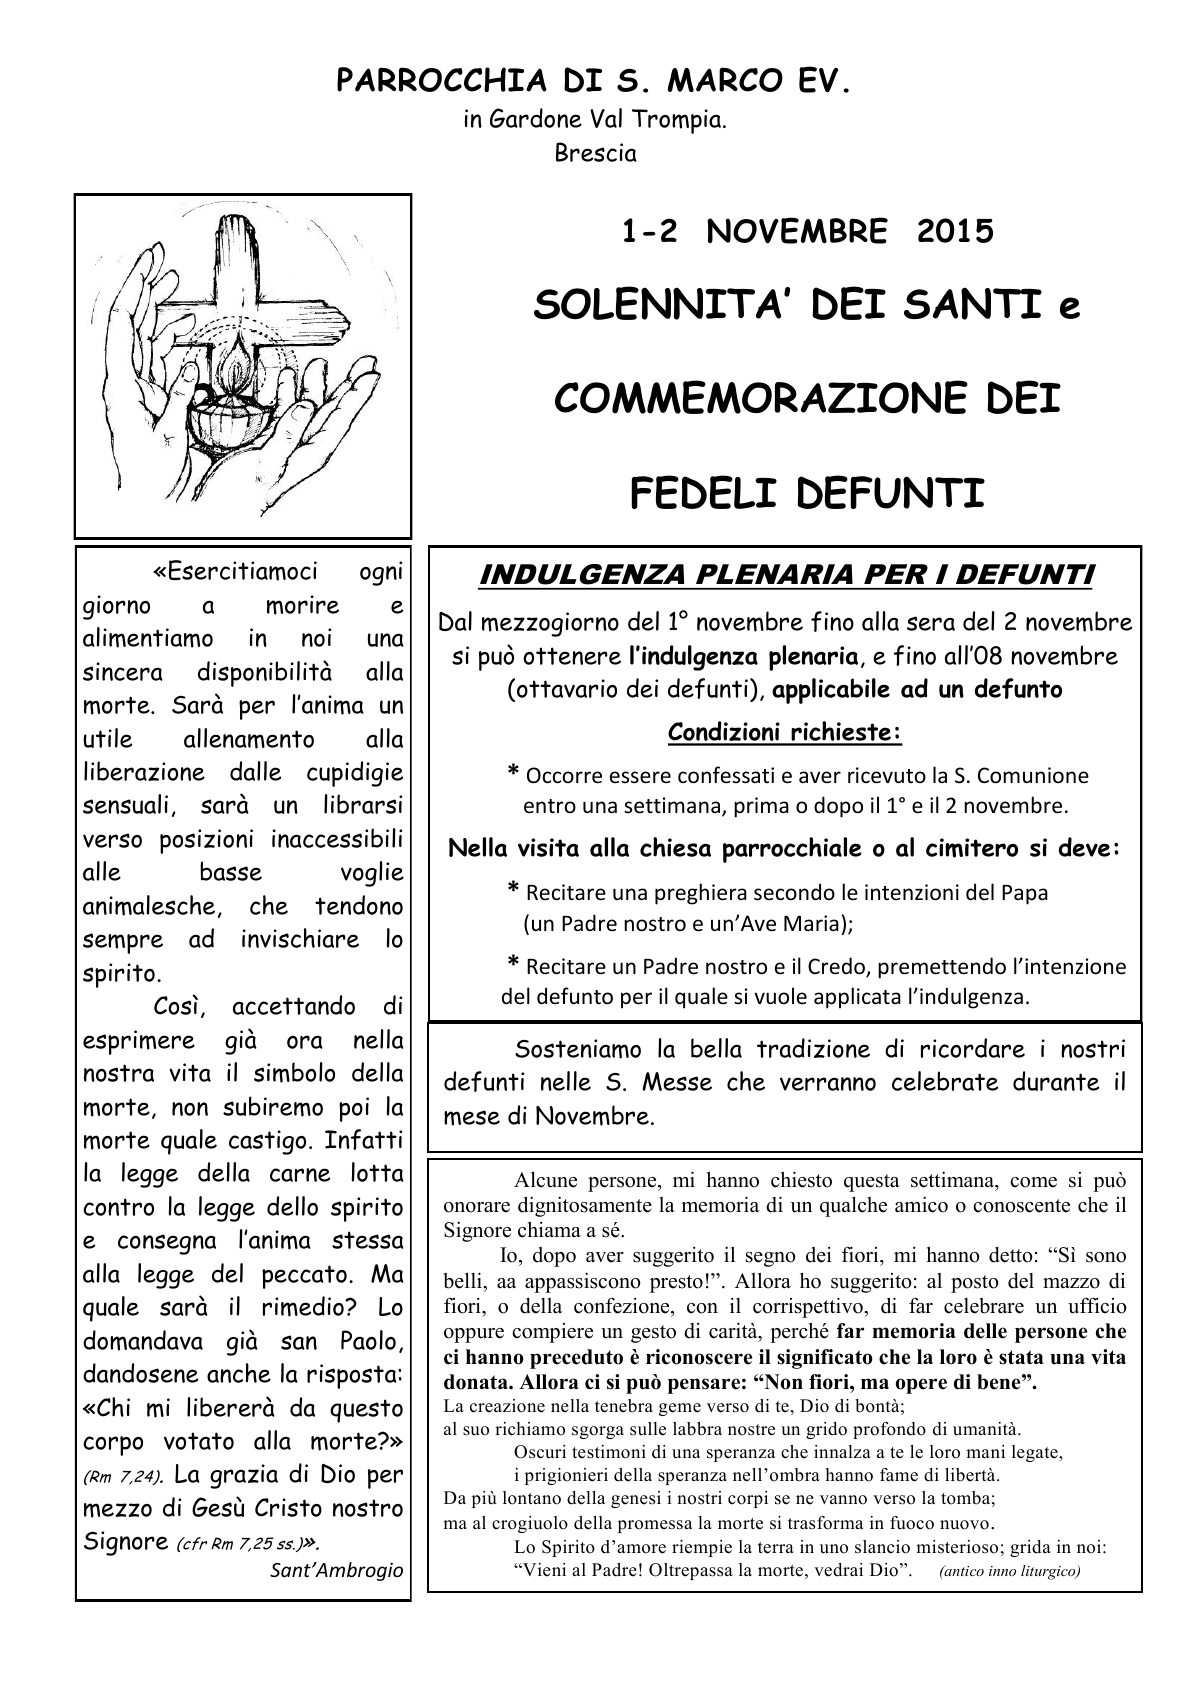 Indulgenze Plenarie Calendario.Parrocchia San Marco Gardone Vt